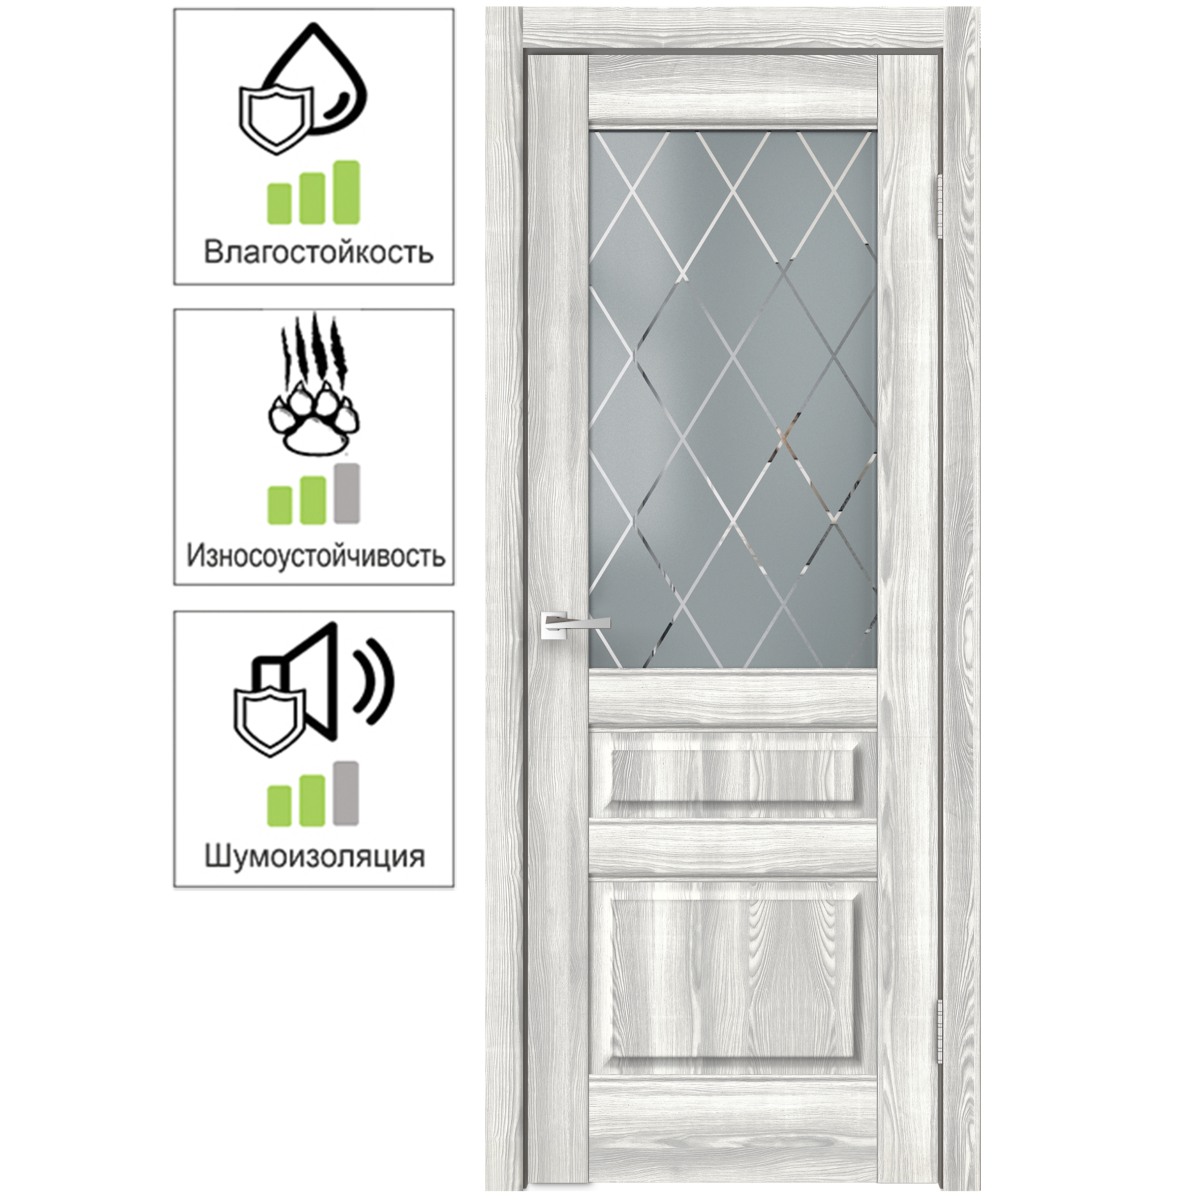 Дверь межкомнатная остеклённая Летиция 80х200 см с фурнитурой ПВХ цвет клен